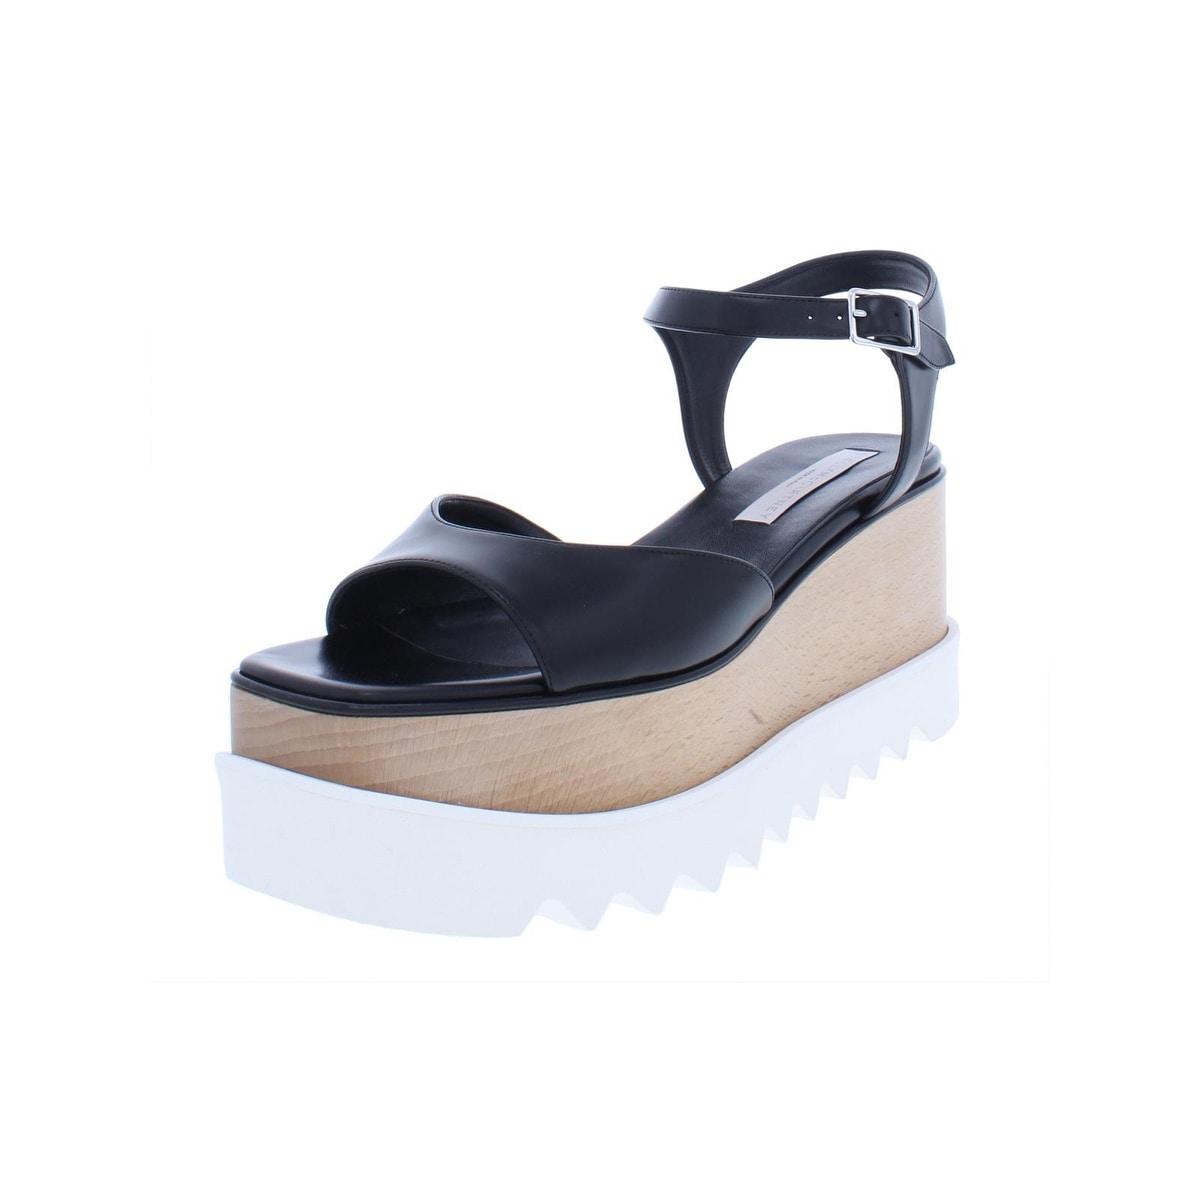 28918384a2a Stella McCartney Women s Shoes